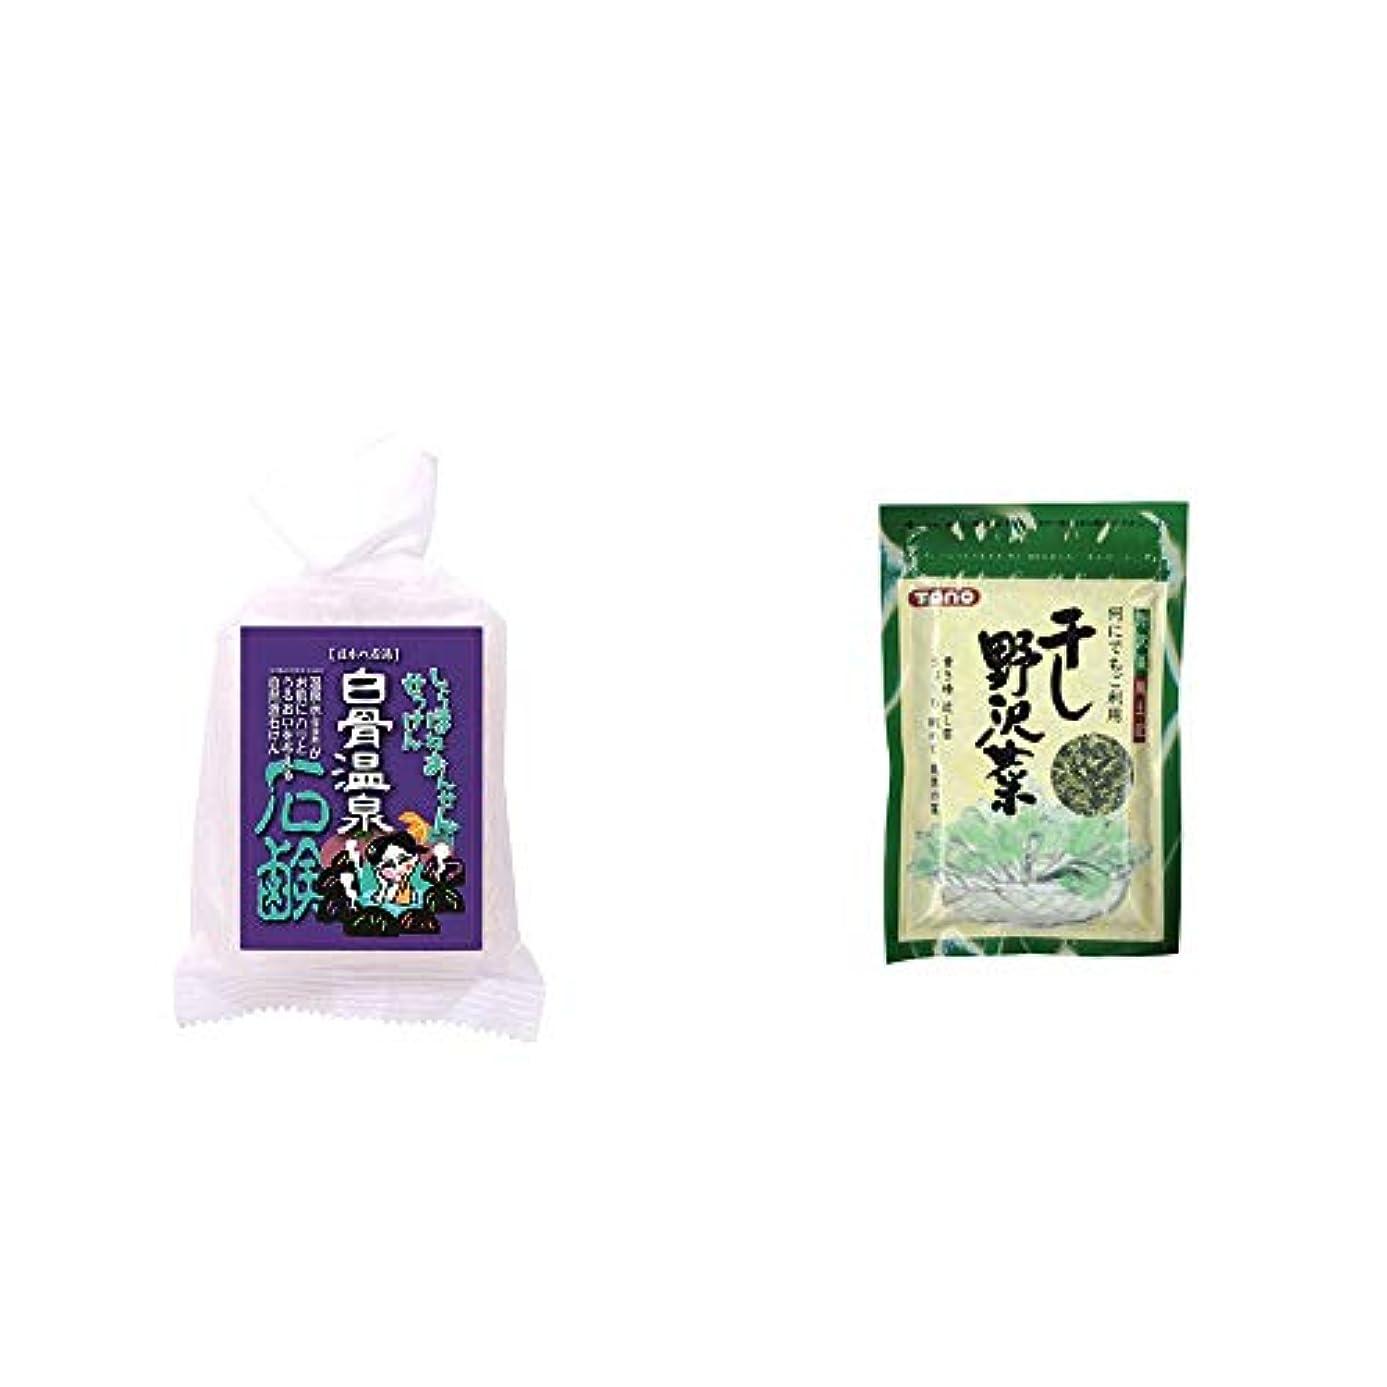 フレッシュブレーキスカウト[2点セット] 信州 白骨温泉石鹸(80g)?干し野沢菜(100g)